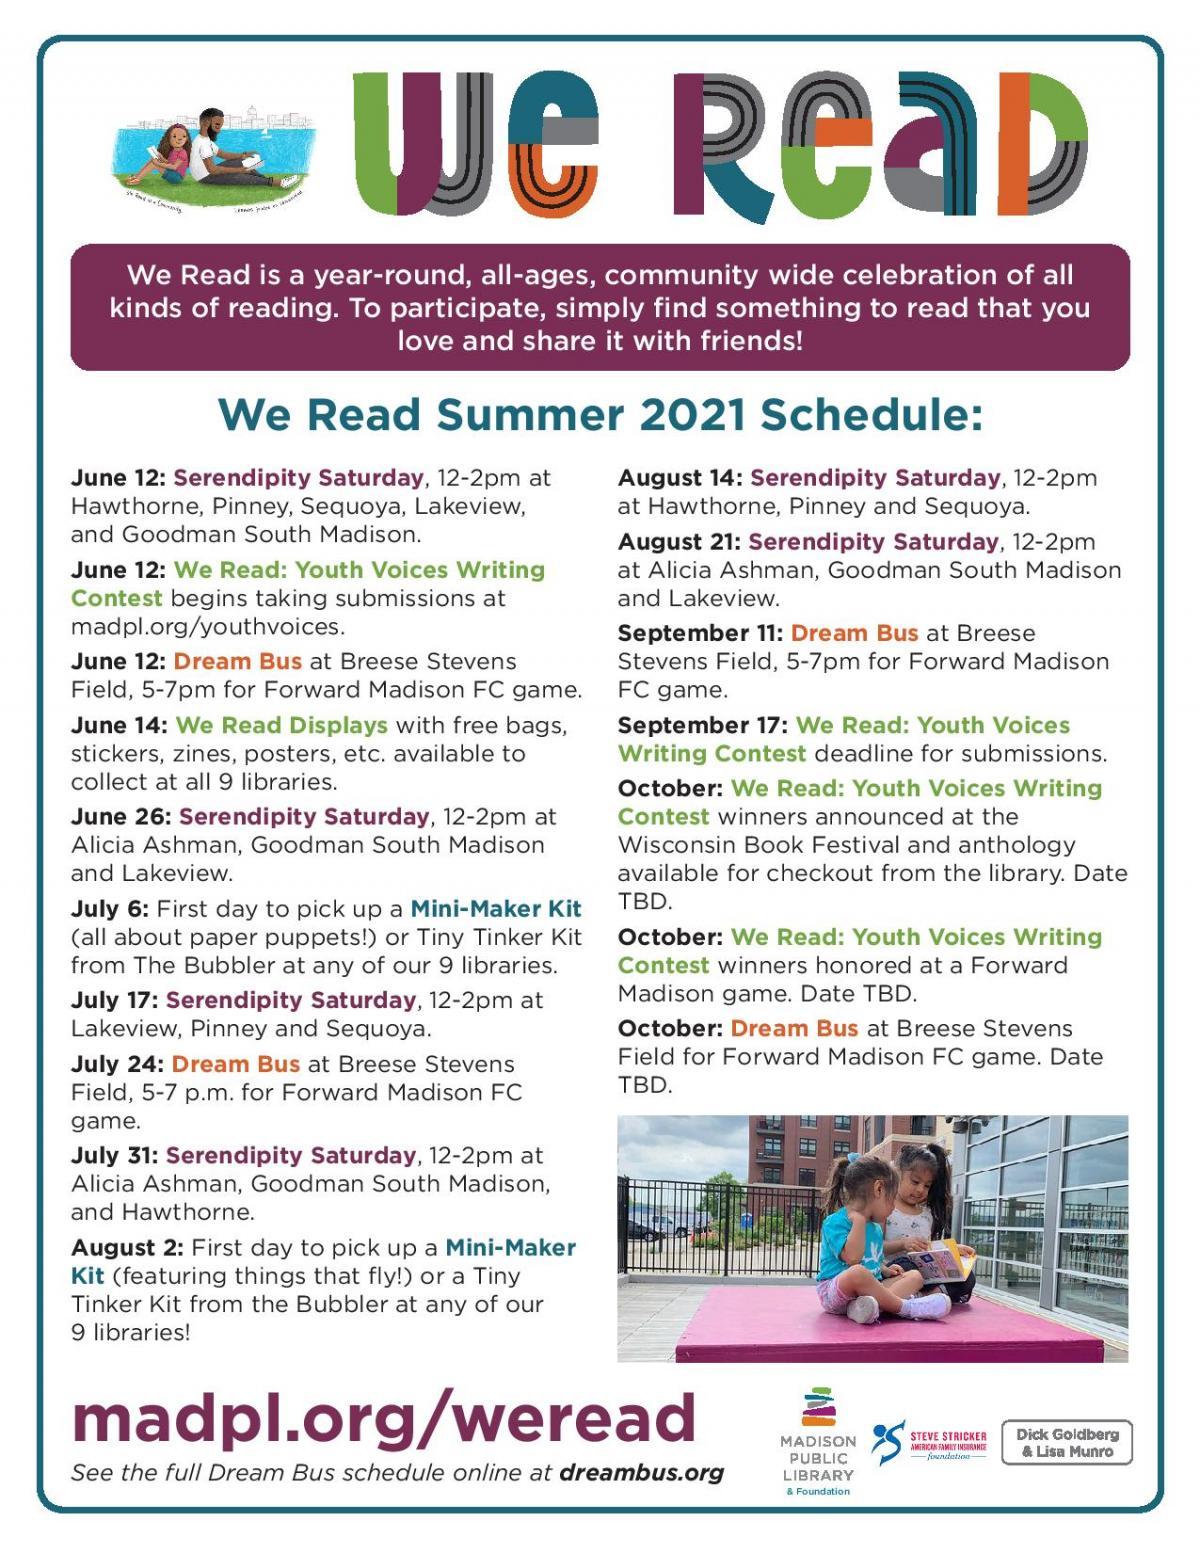 We Read Summer 2021 Event Calendar